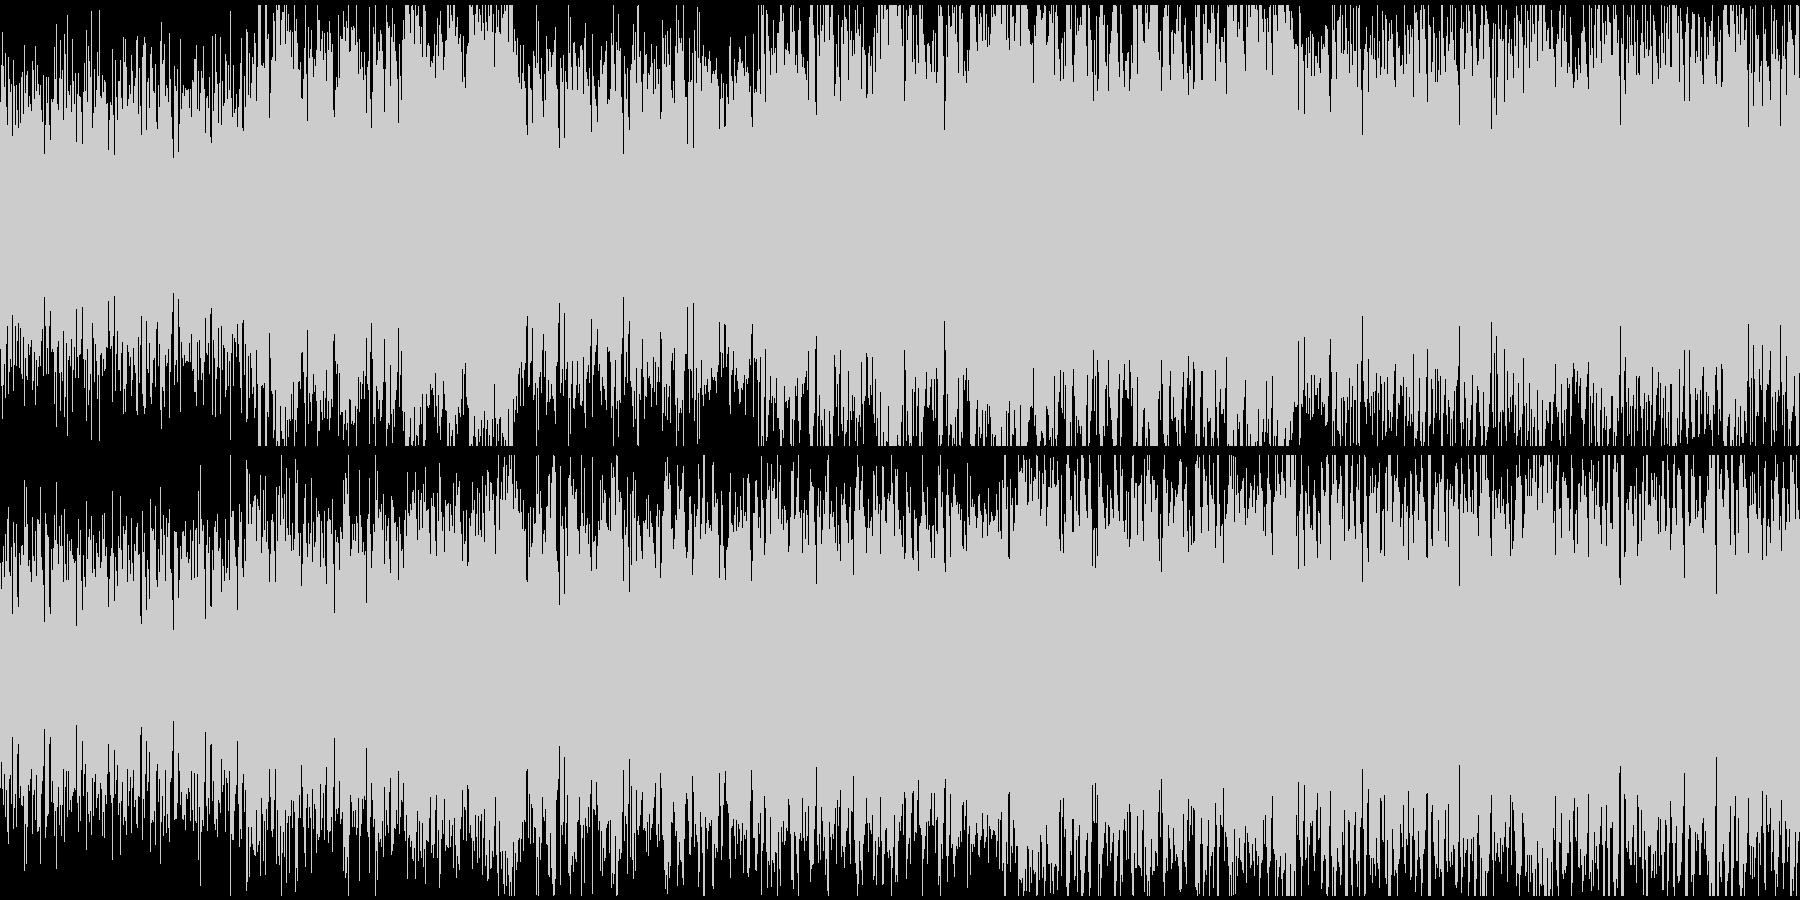 神秘的なケルト風の曲の未再生の波形